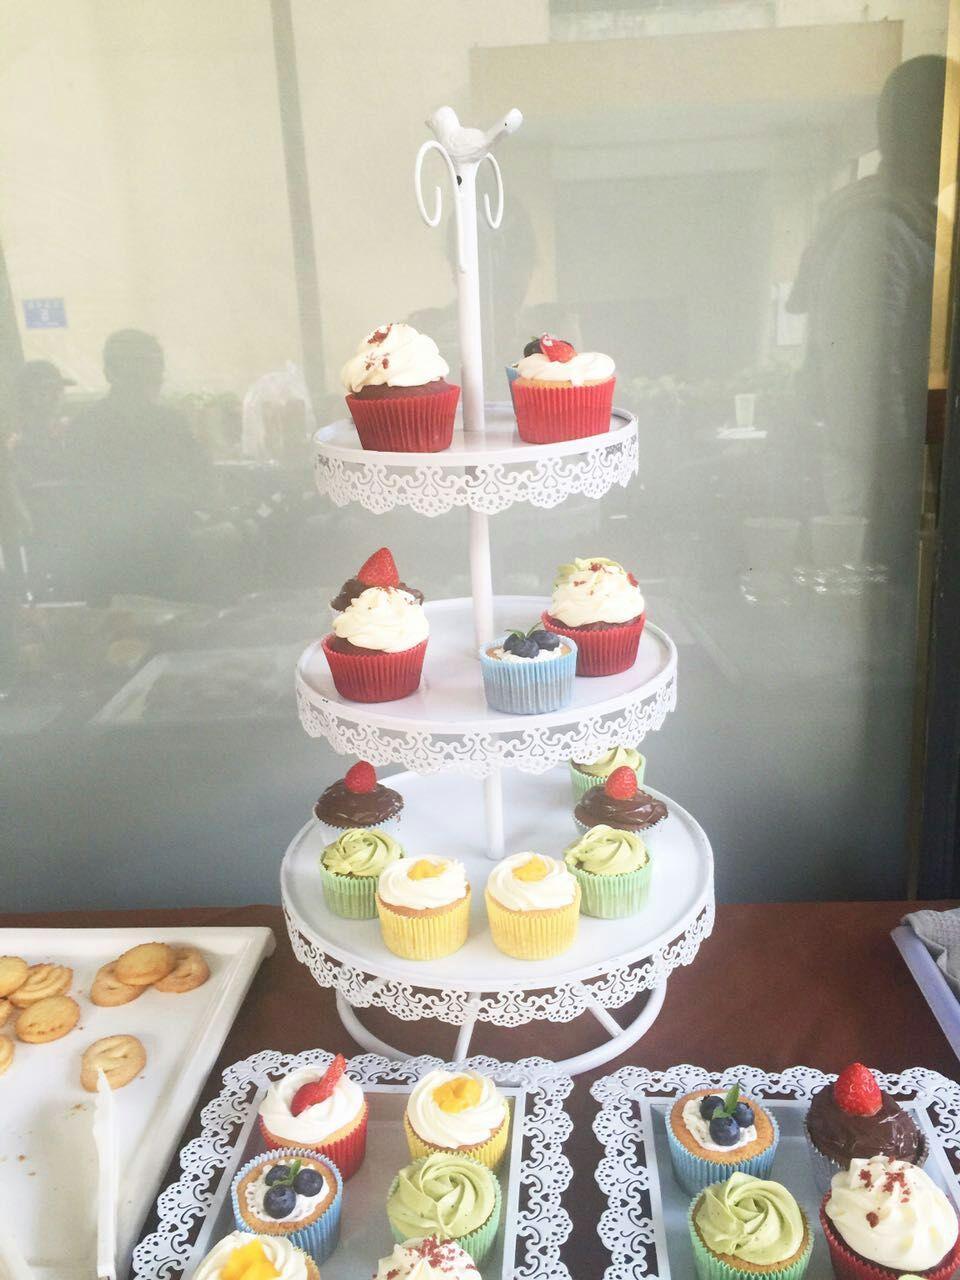 生日蛋糕牛可爱图片